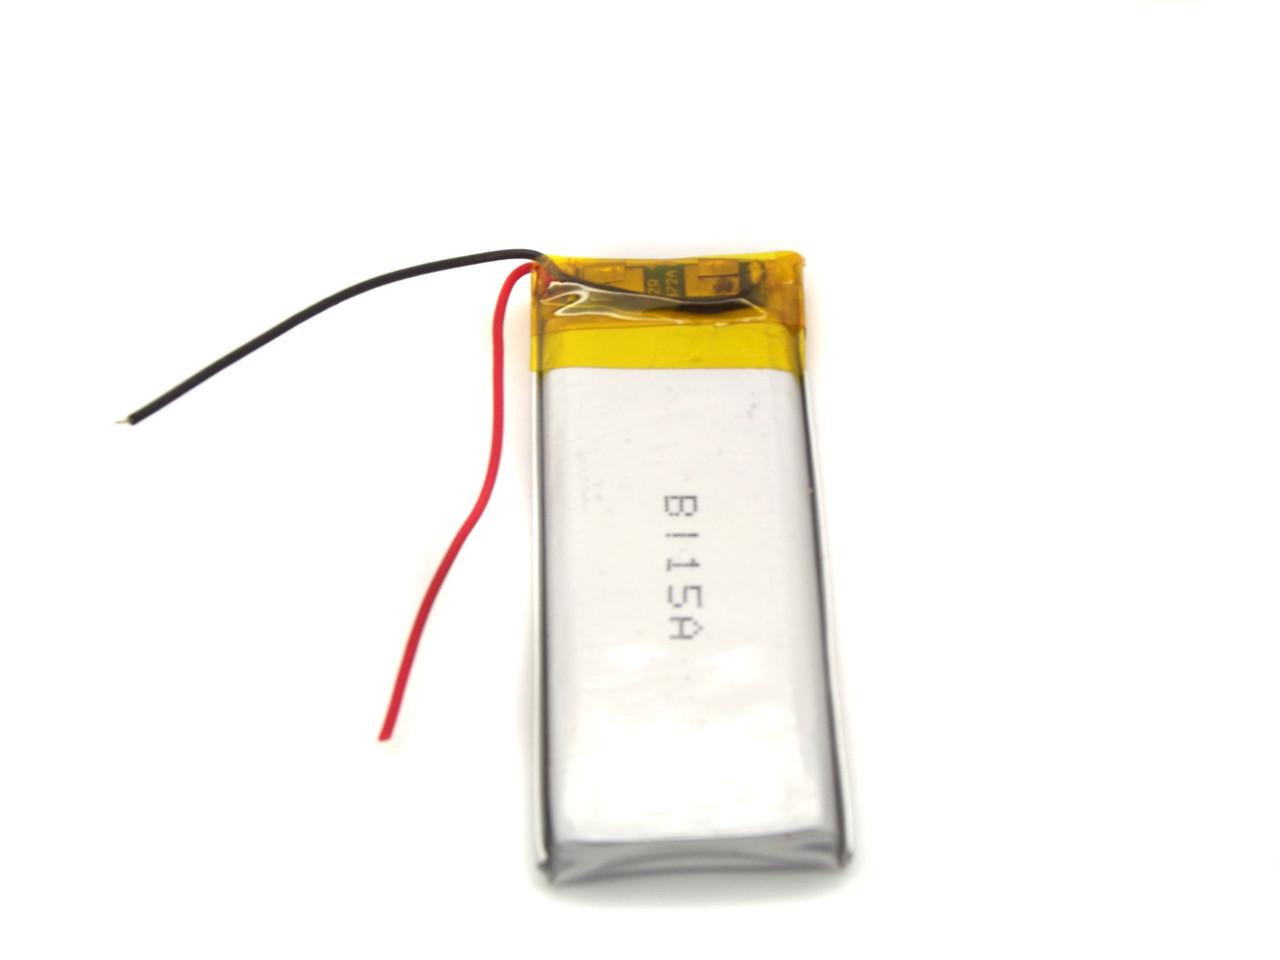 Аккумулятор  450mAh 3.7v 502050 для MP3 плееров, гарнитуры, видеорегистраторов